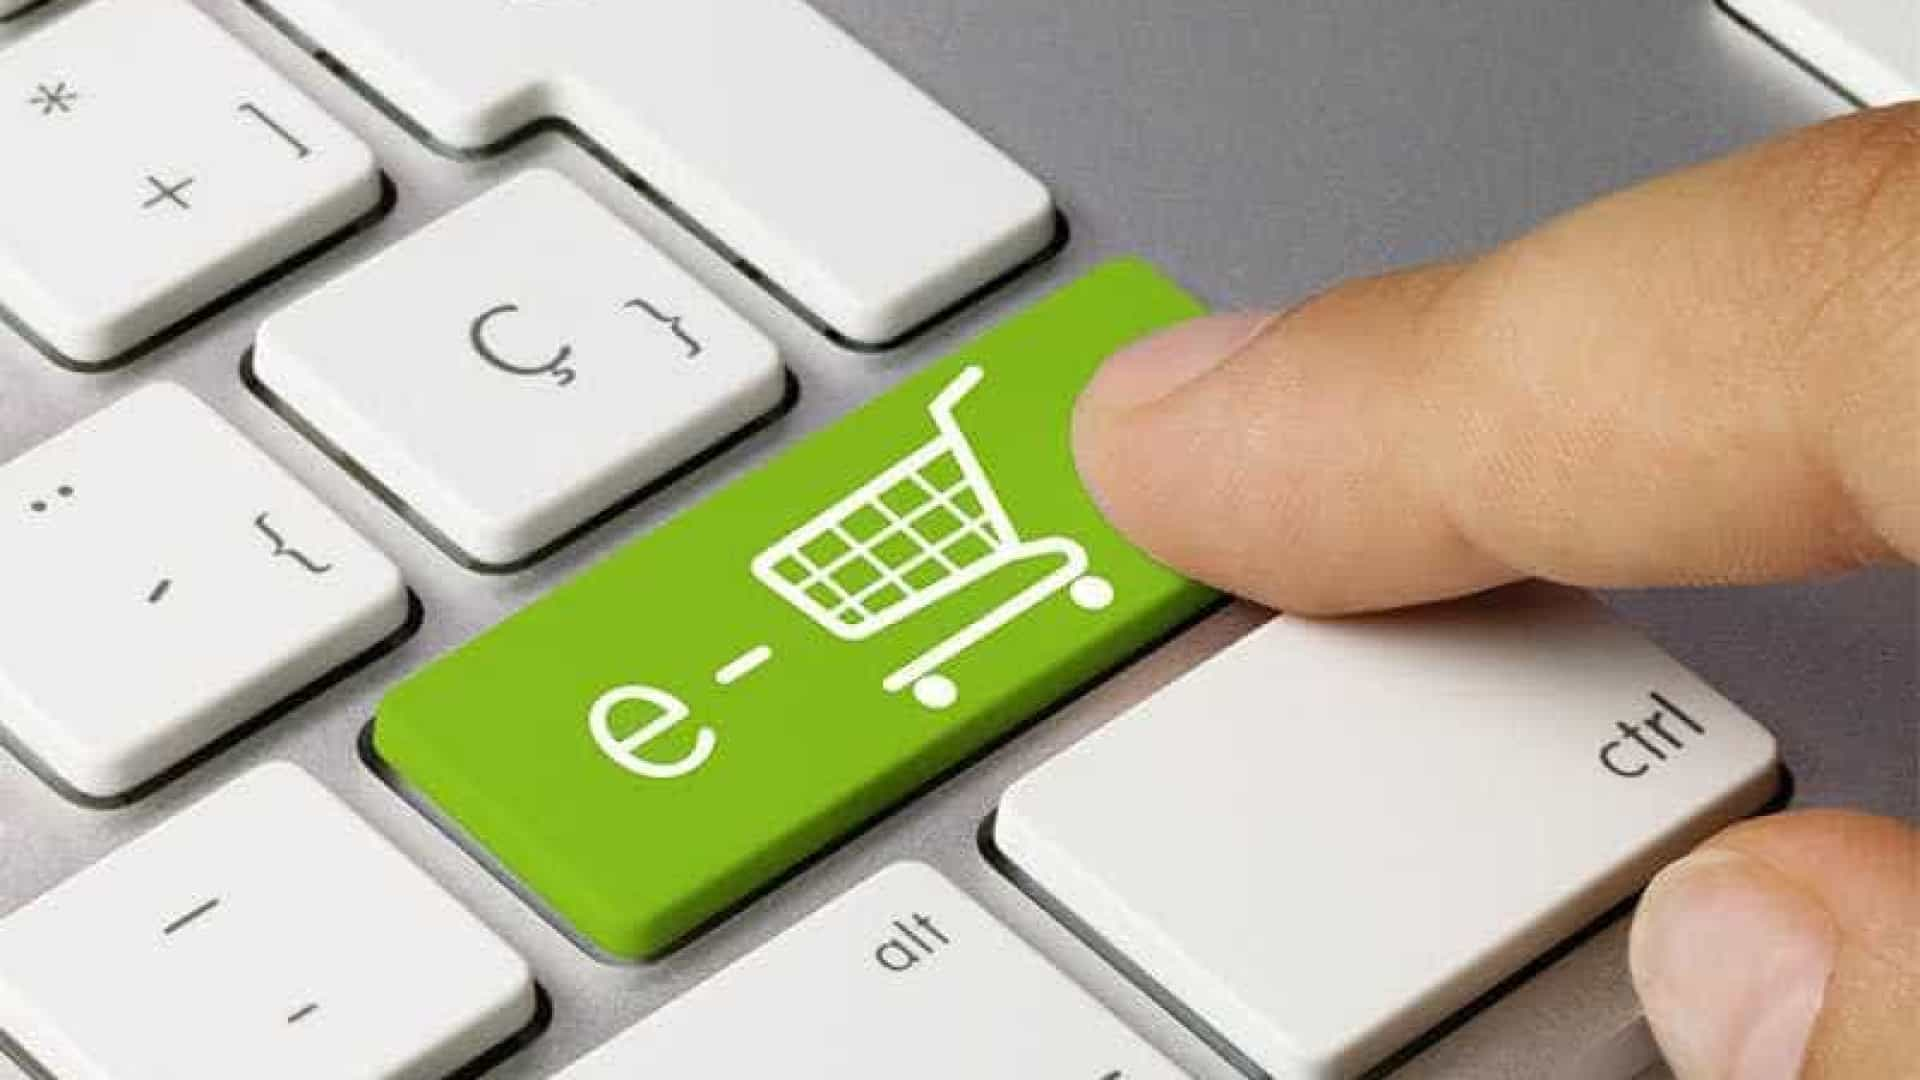 43 dos internautas fizeram mais compras online este ano for Compra online mobili